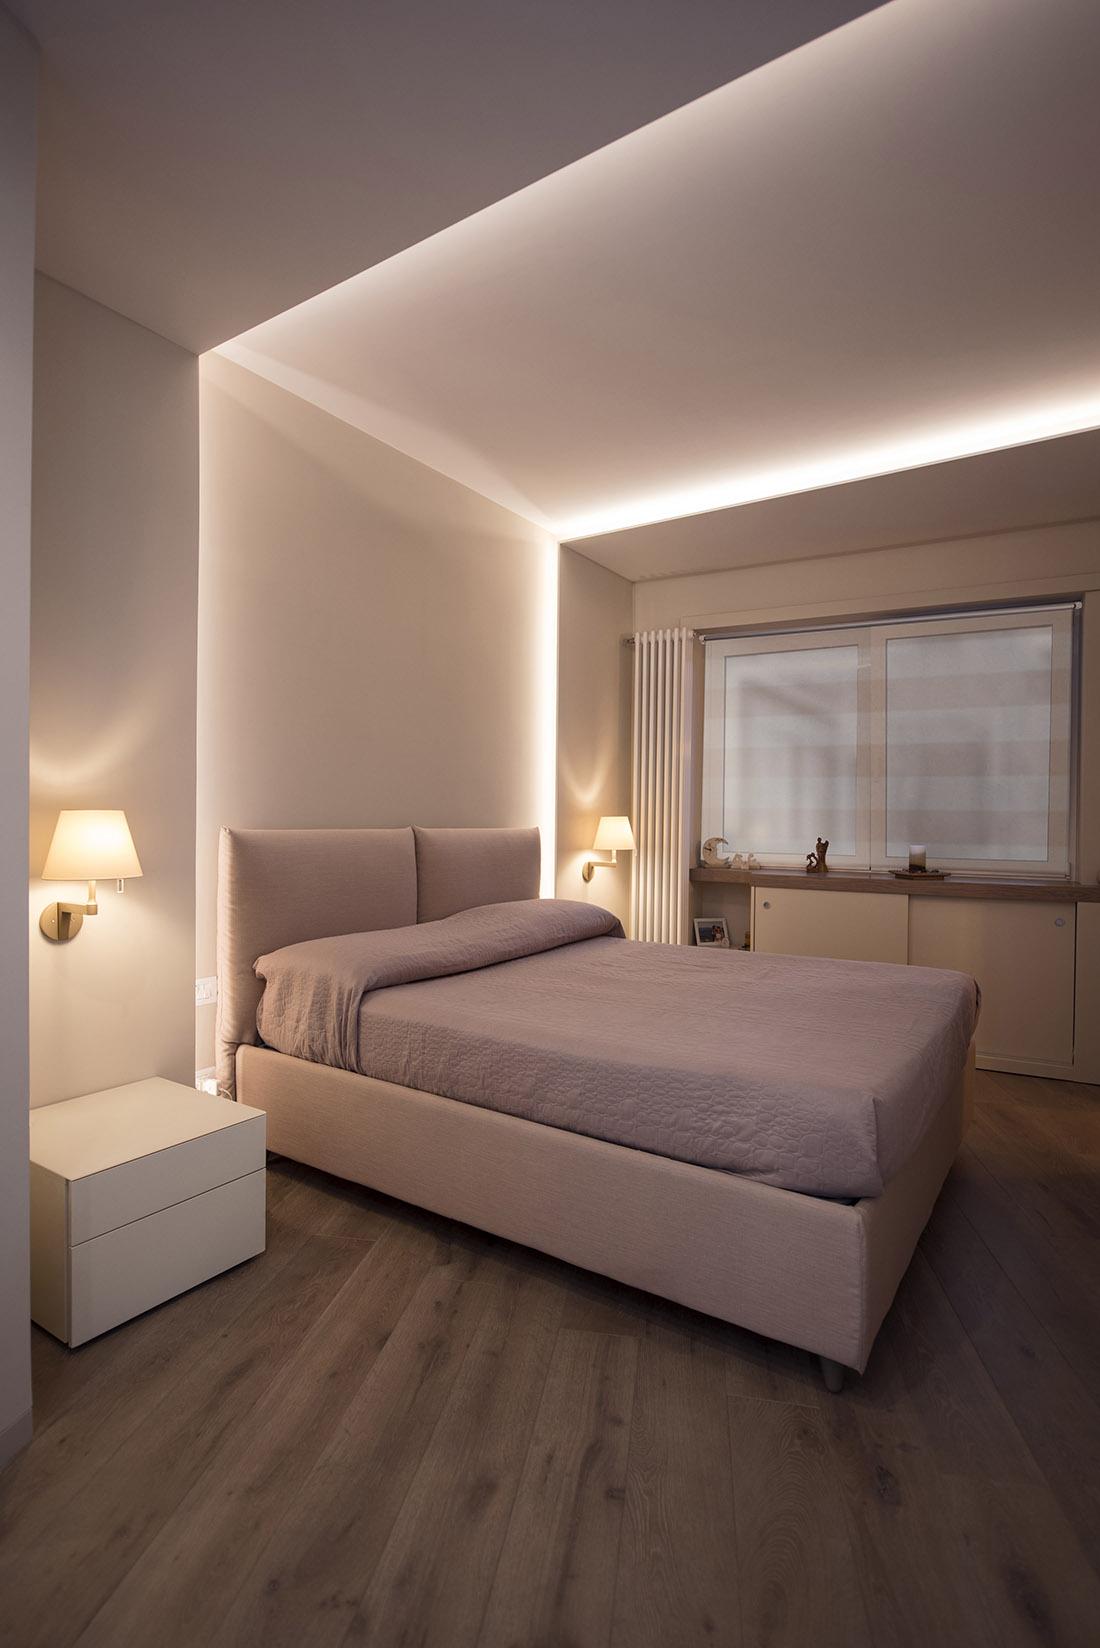 appartamento-otta2-camera-matrimoniale-realizzazione-napoli-pucciarelli-architetti